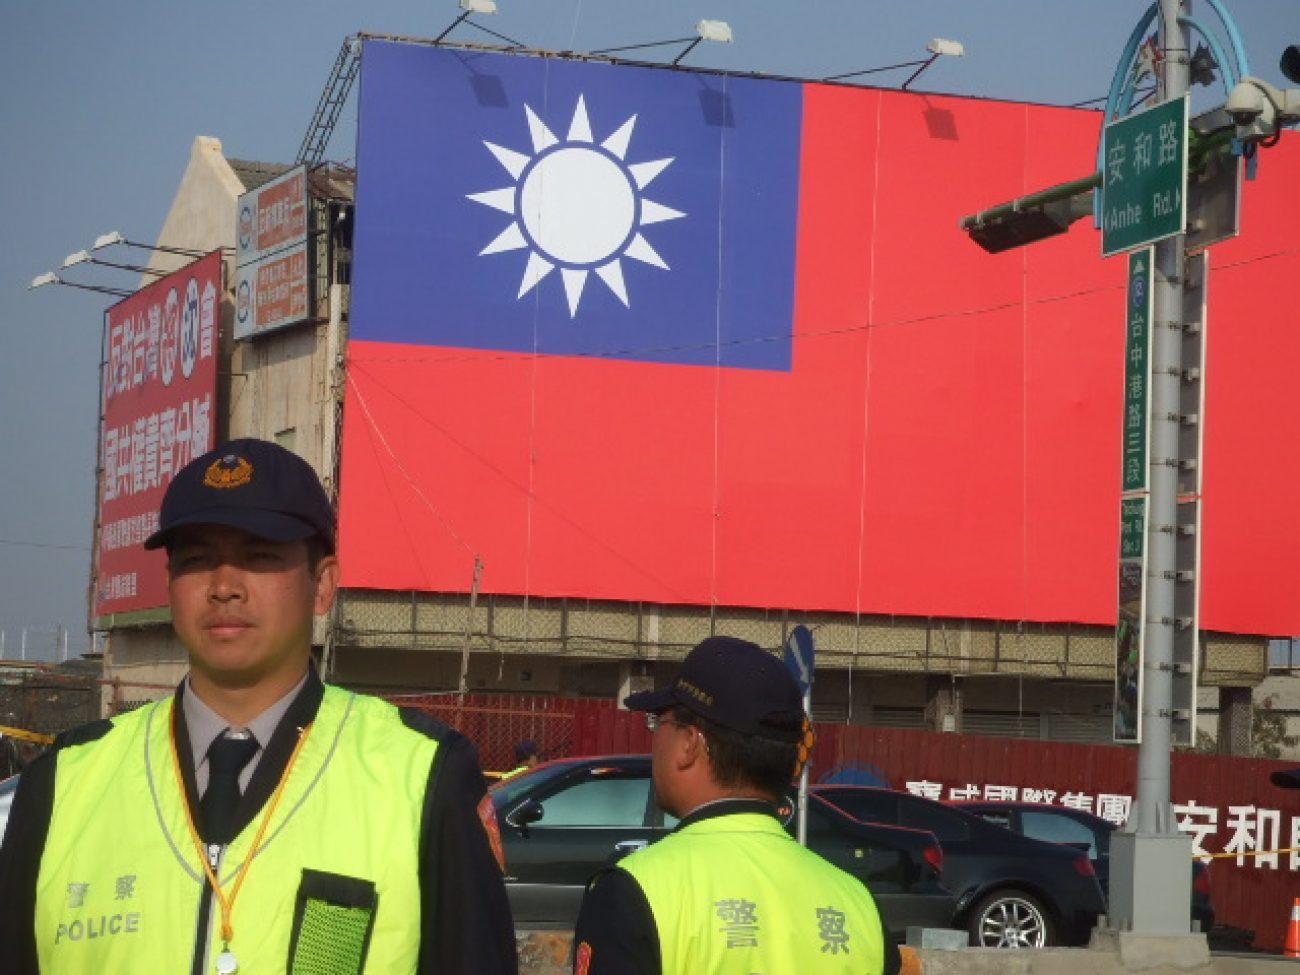 Die Fahne hatte ein Abgeordneter gegenüber vom Hotel anbringen lassen. Taiwans Regierung versteckt sie bei Verhandlungen mit China normalerweise.